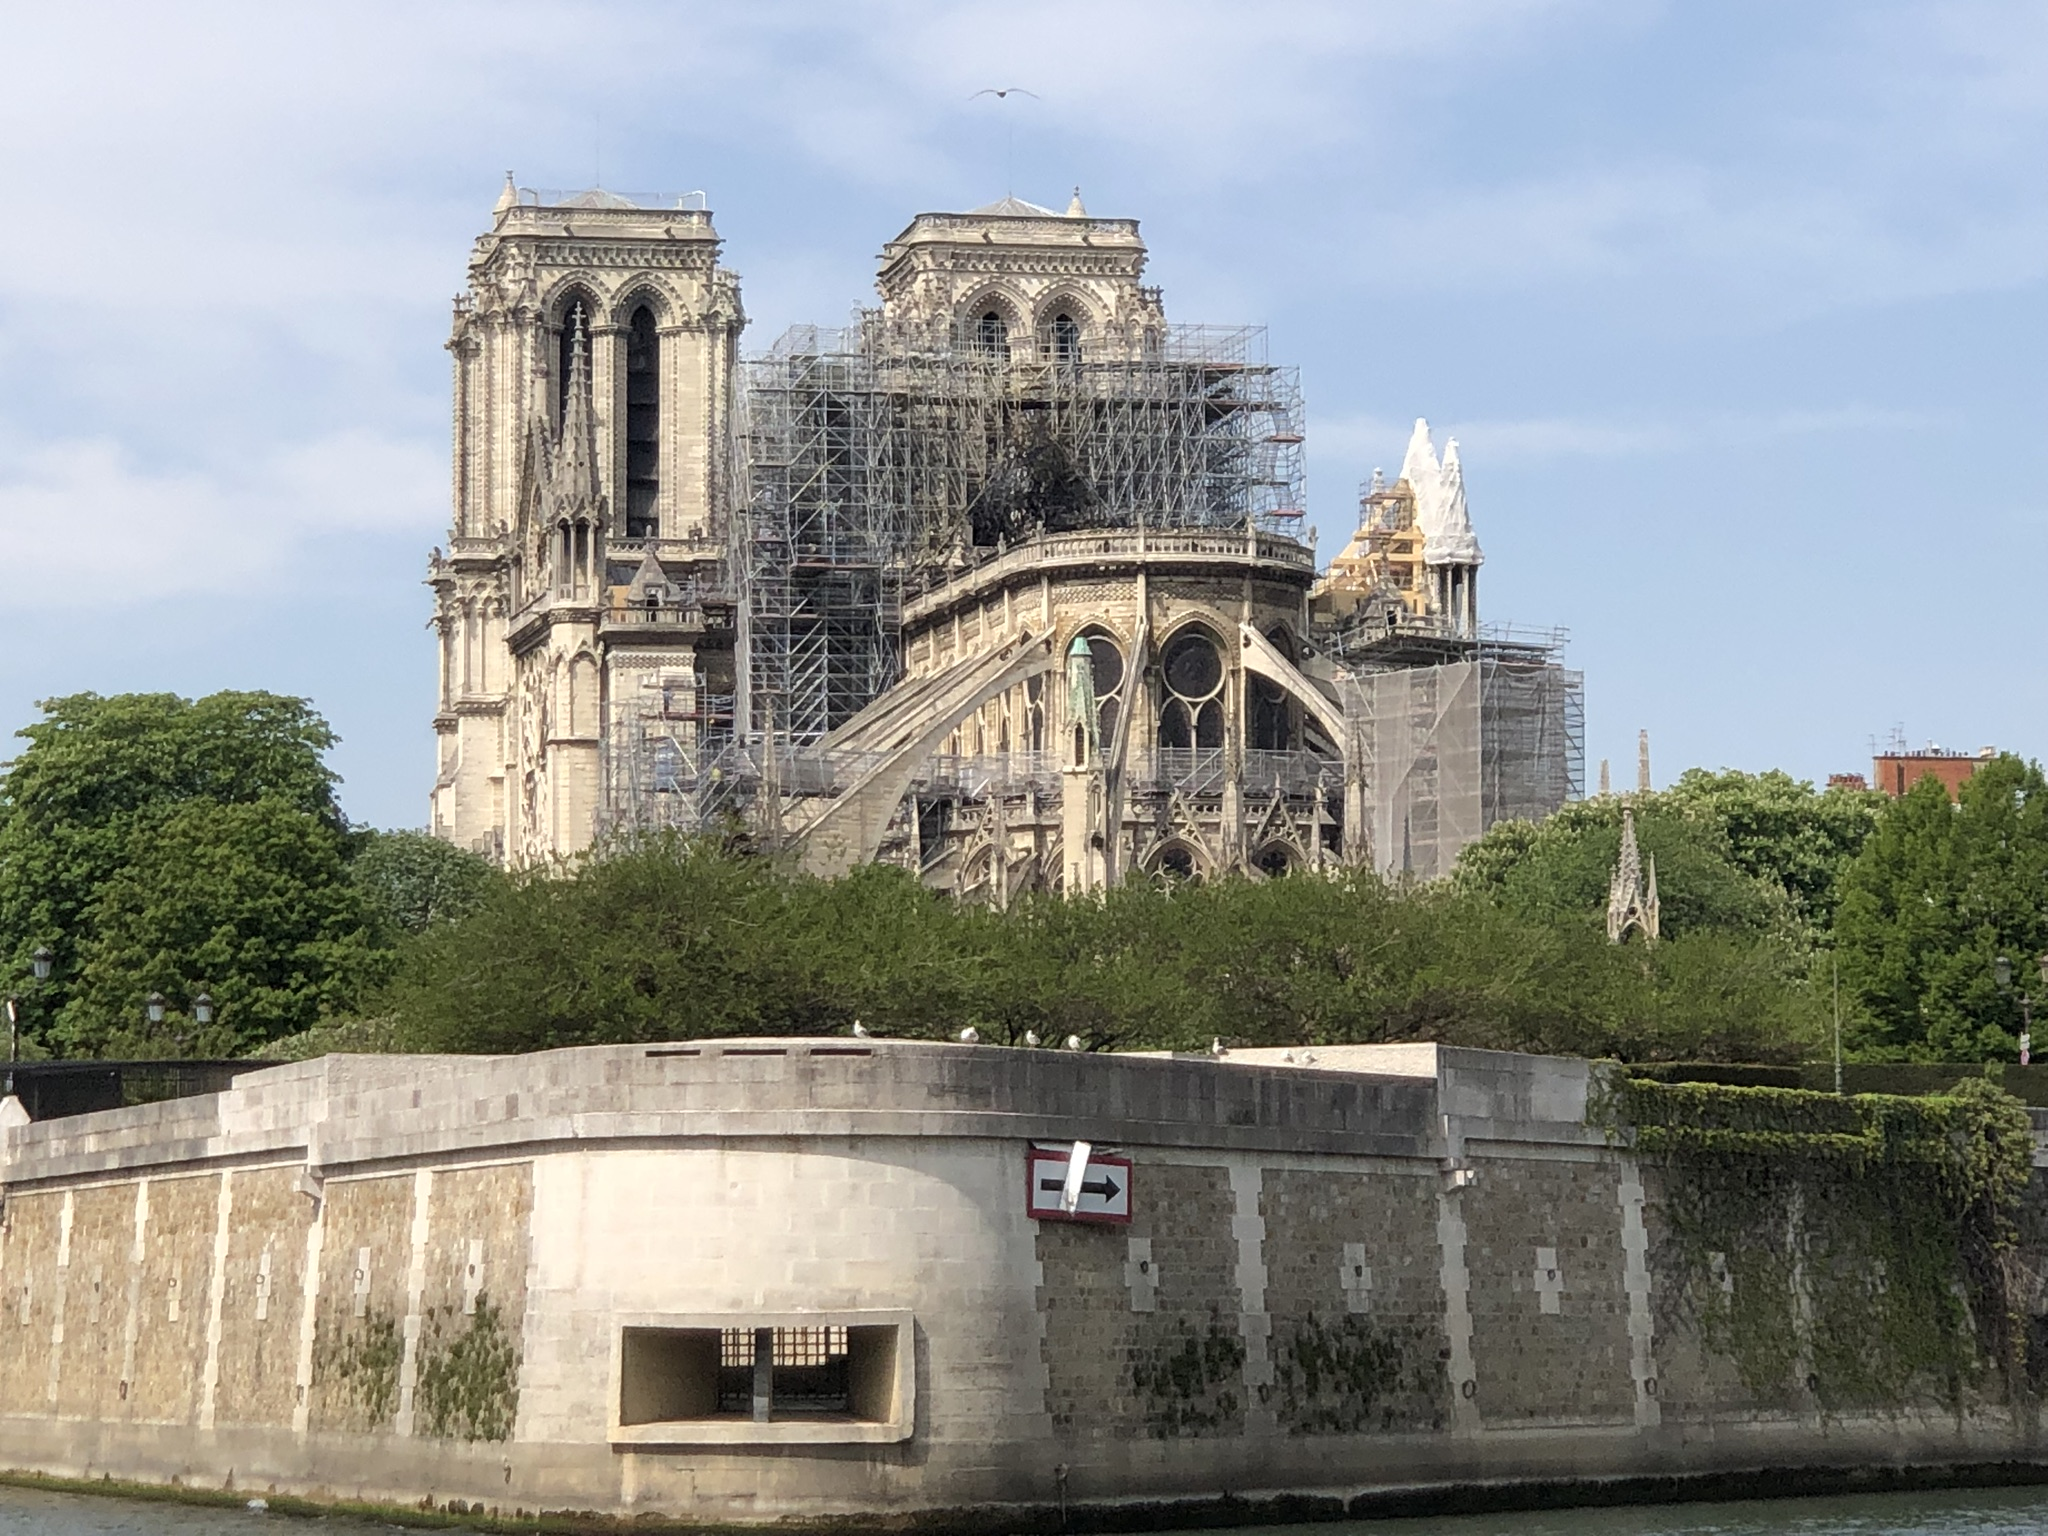 Ricostruzione di Notre-Dame, è scontro sulla legge che vorrebbe bypassare le regole della tutela